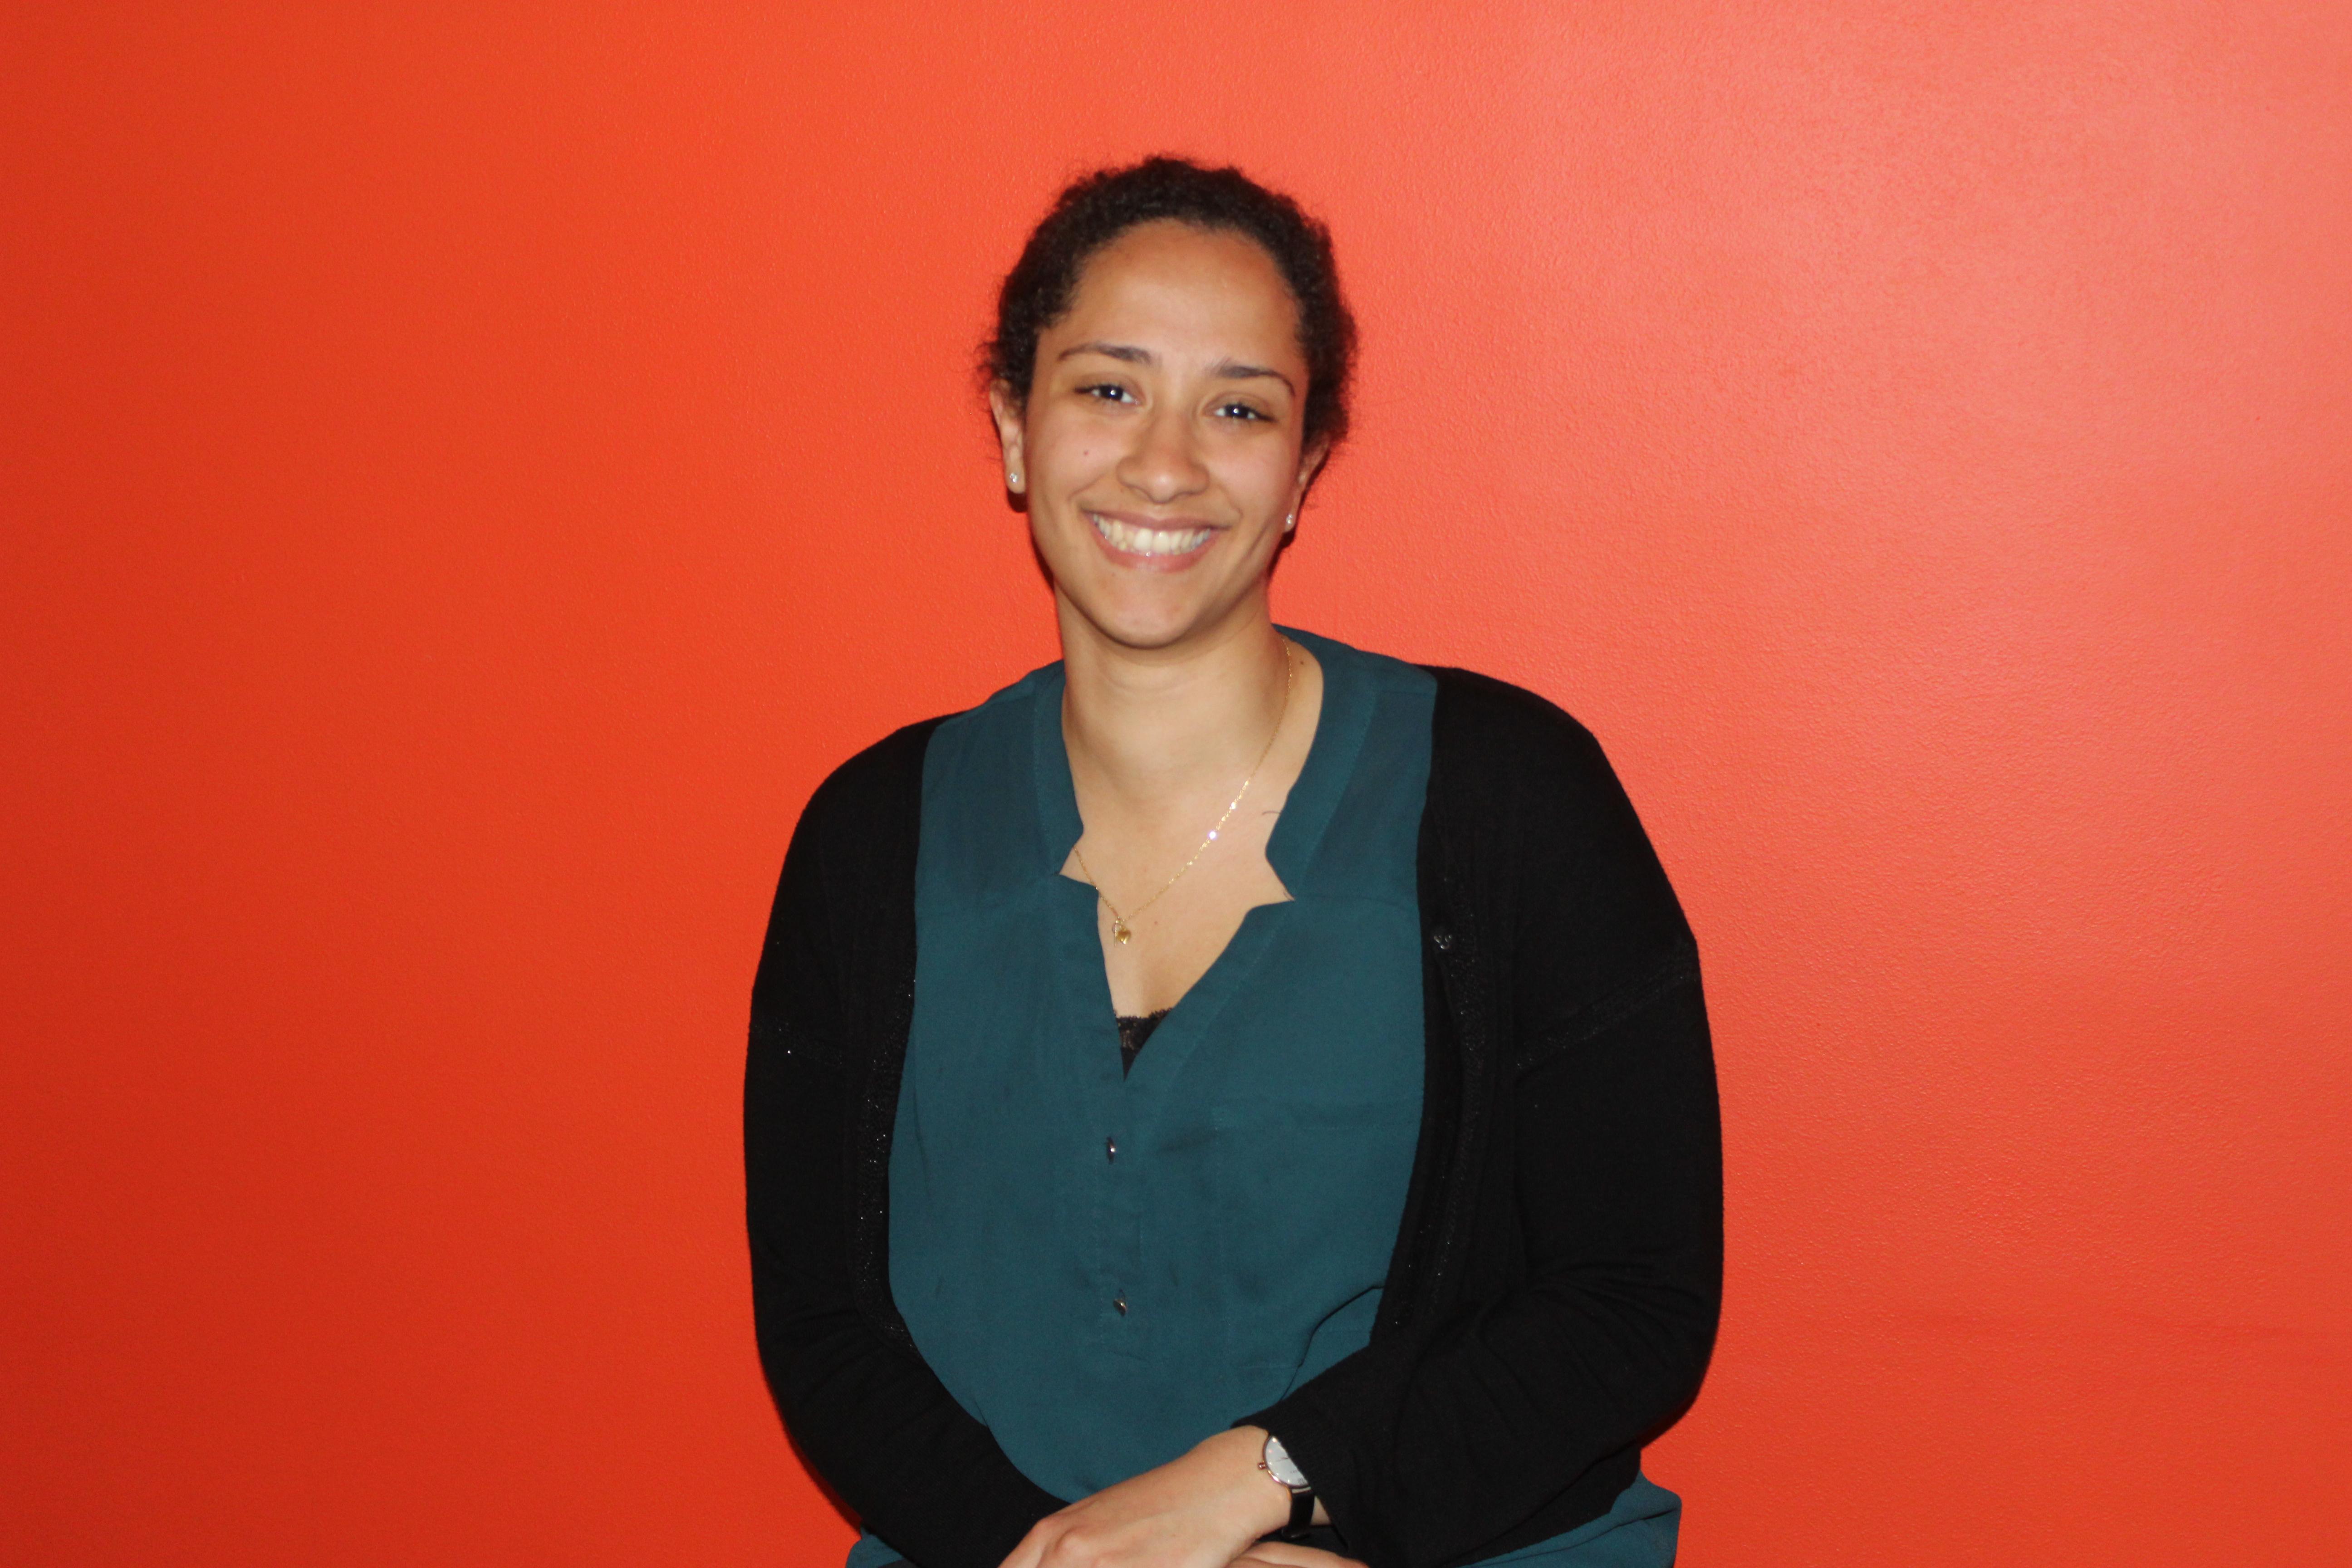 Lina Bouaziz